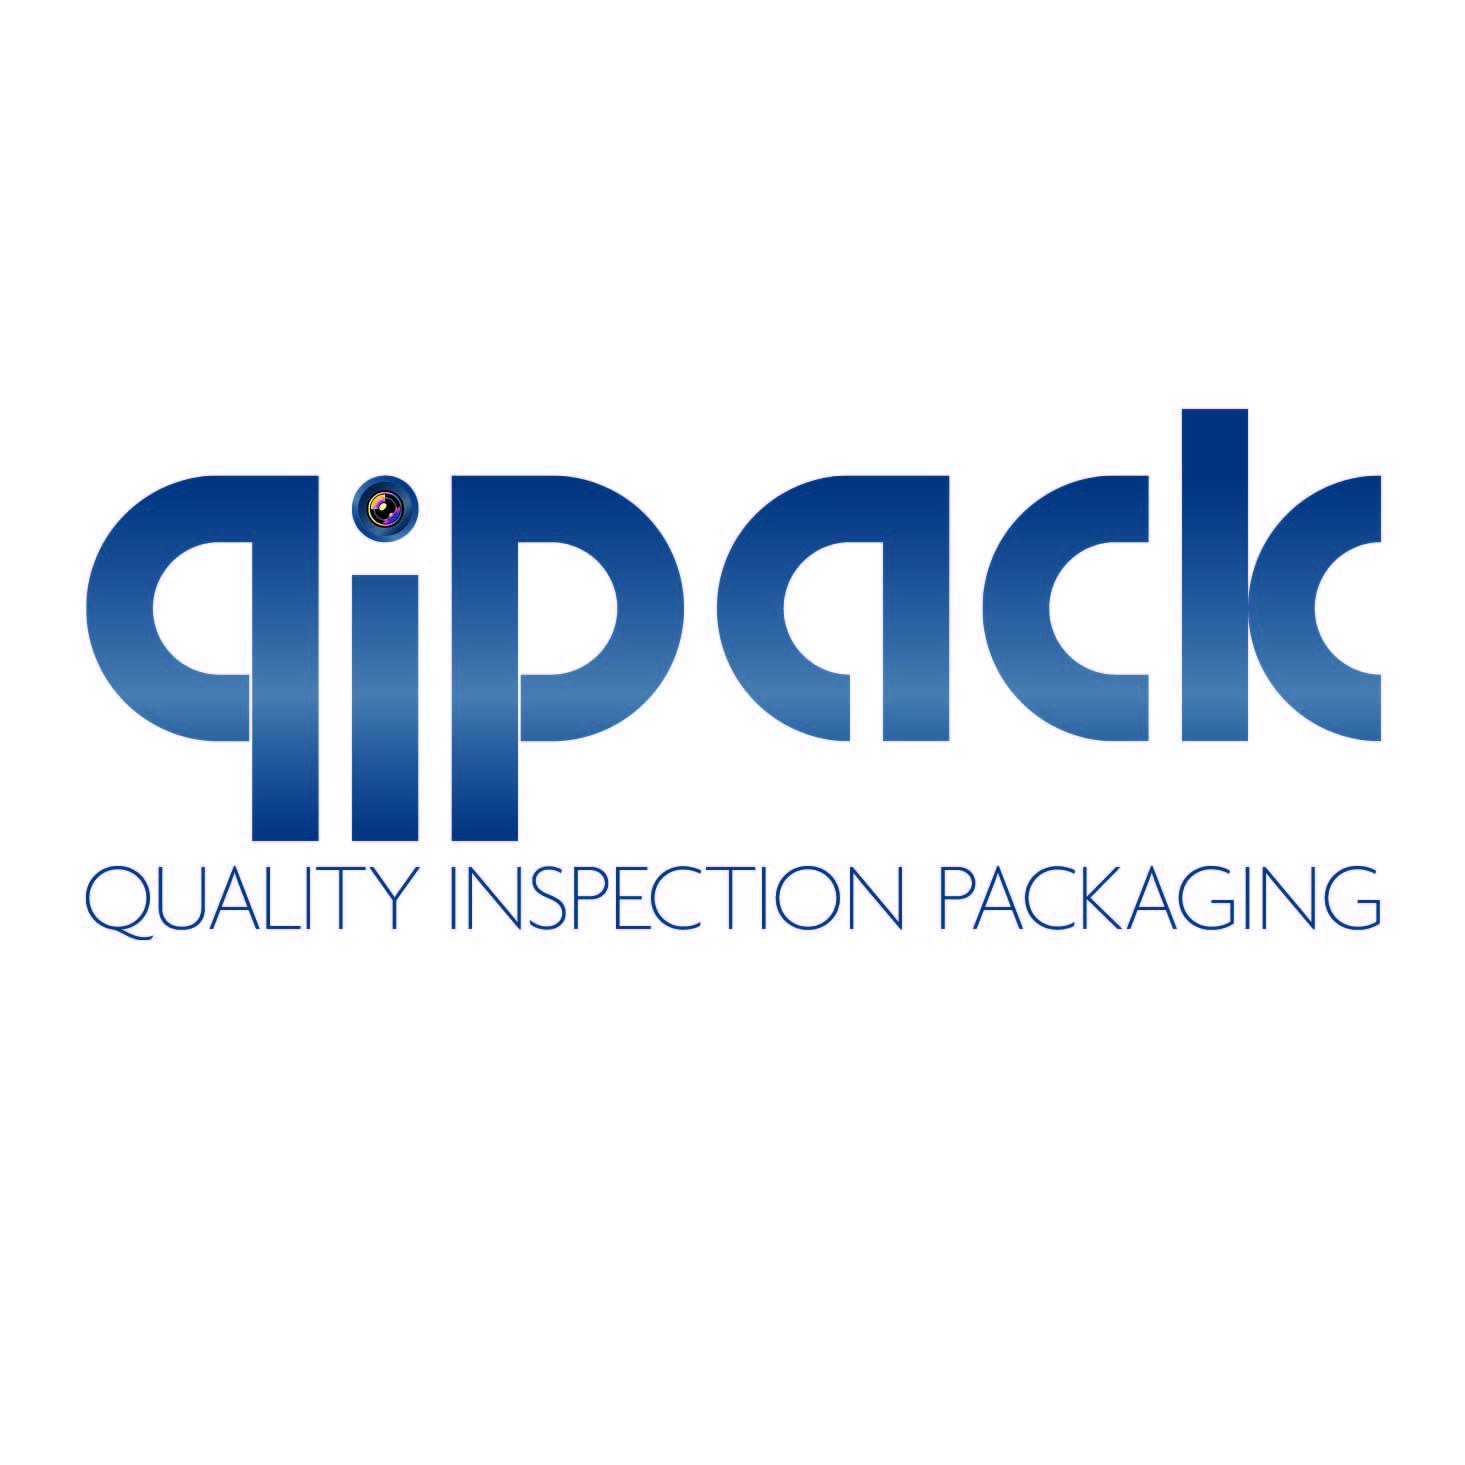 logo quipack